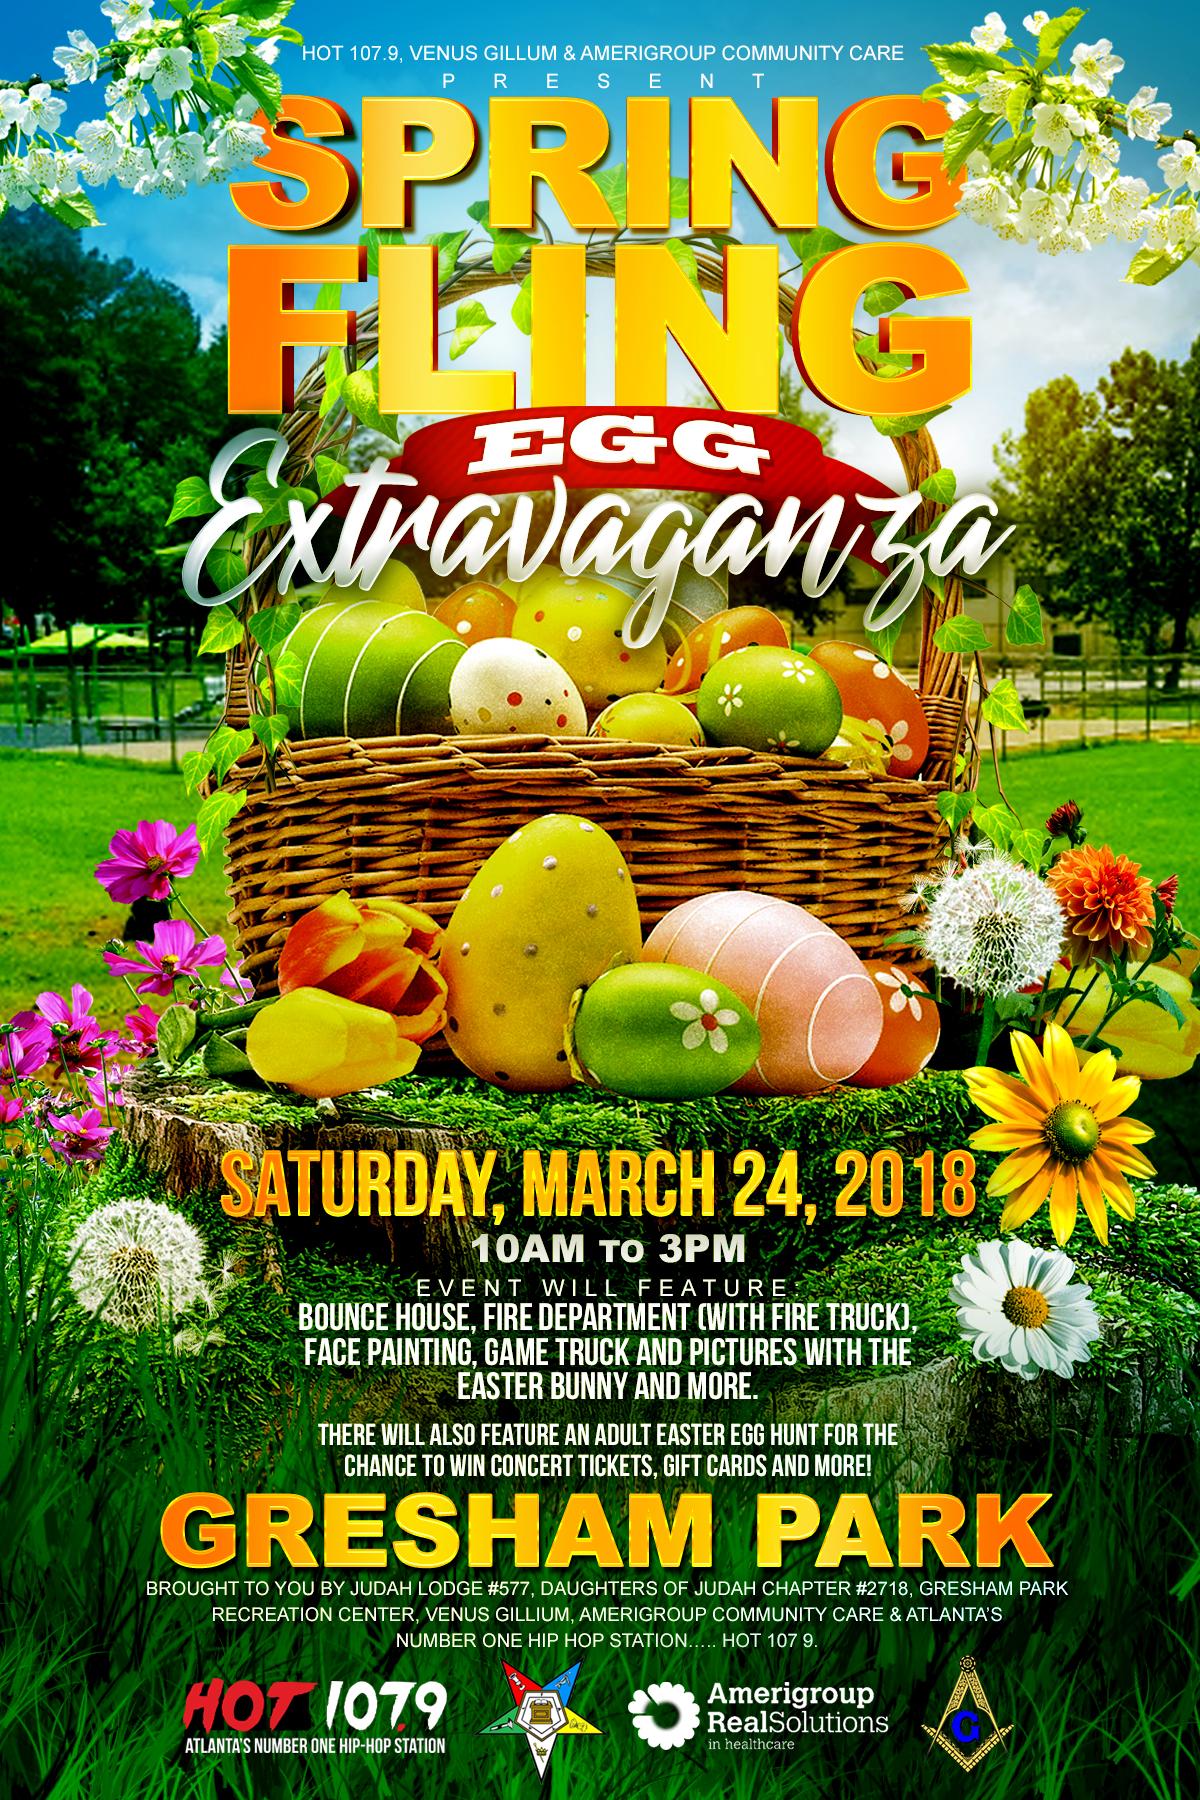 Spring Fling Egg Hunt